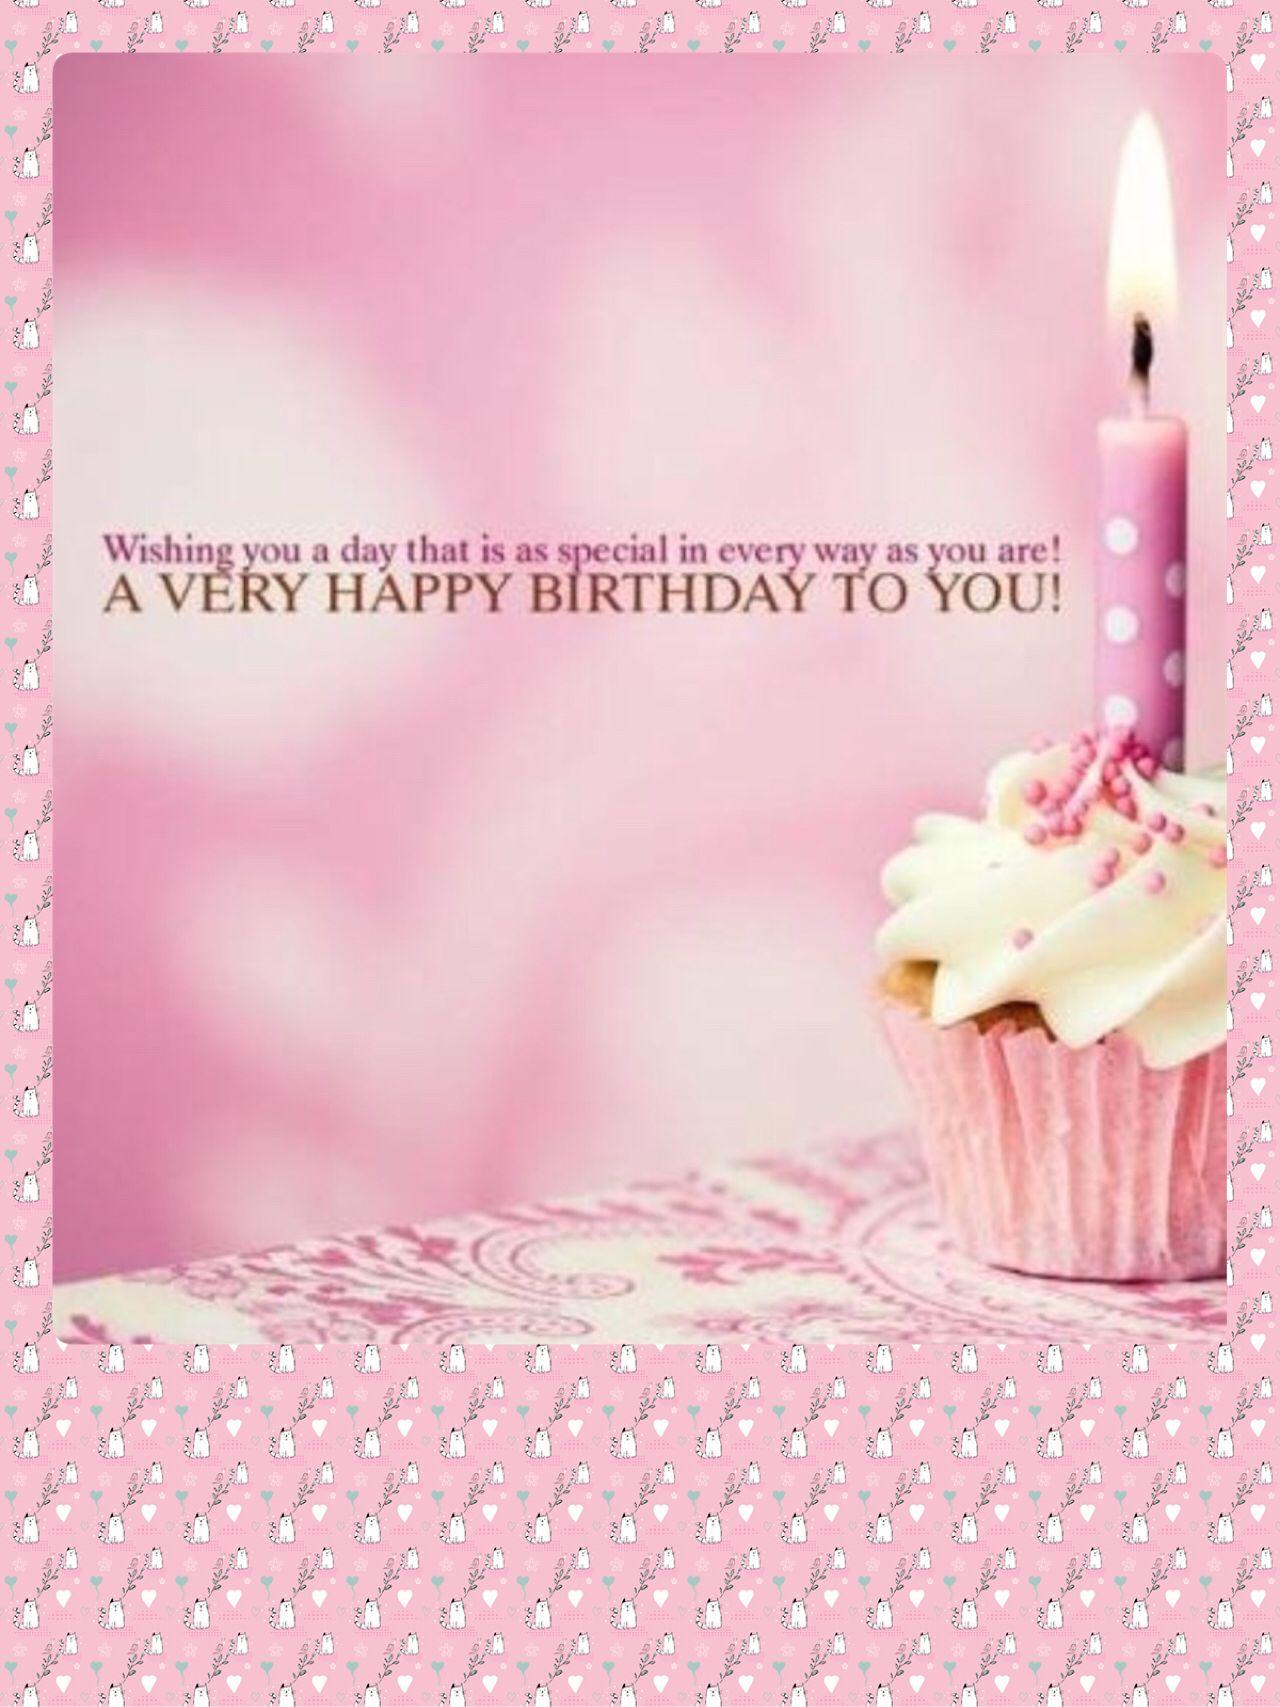 Feiertage, Geburtstage, Projekte, Schwester Geburtstag, Geburtstagszitate  Für Freunde, Alles Gute Zum Geburtstag Cupcakes, Alles Gute Zum Geburtstag  Bilder, ...